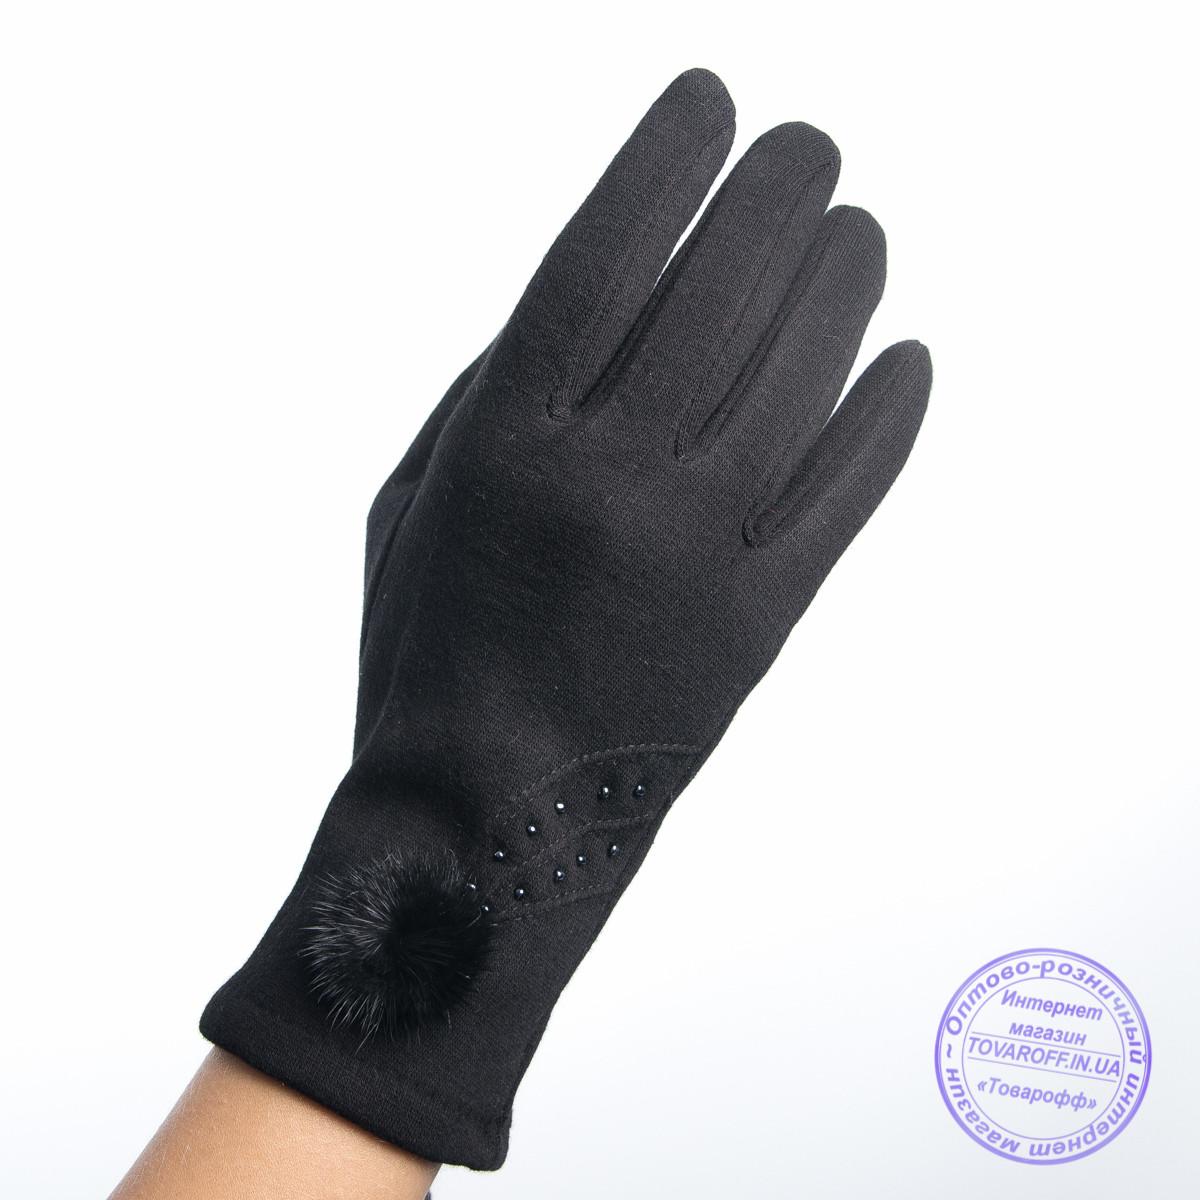 Оптом женские трикотажные перчатки с плюшевым утеплителем - F30-6